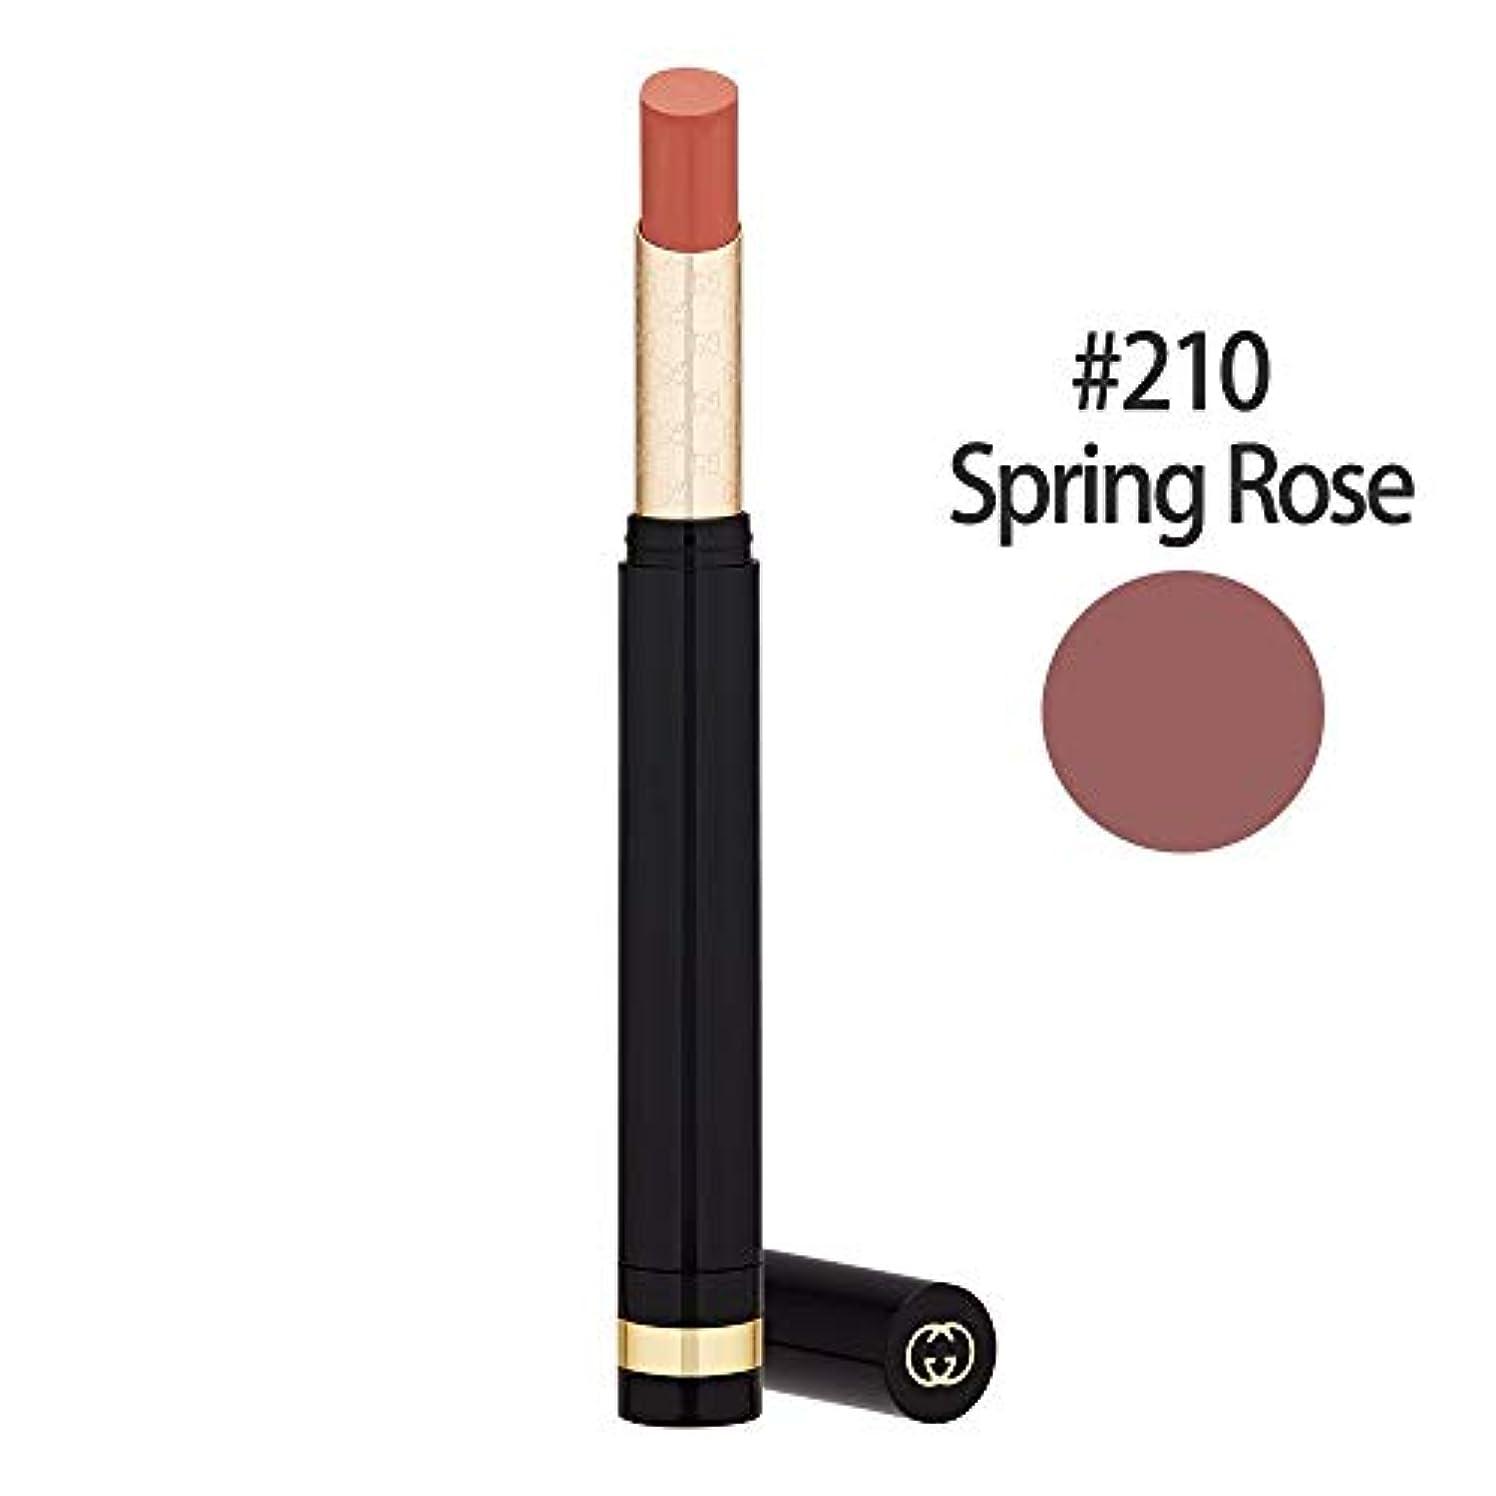 マリン彼女はサスペンショングッチ(GUCCI) センシュアスディープマット リップスティック #210(Spring Rose) 1.5g [並行輸入品]